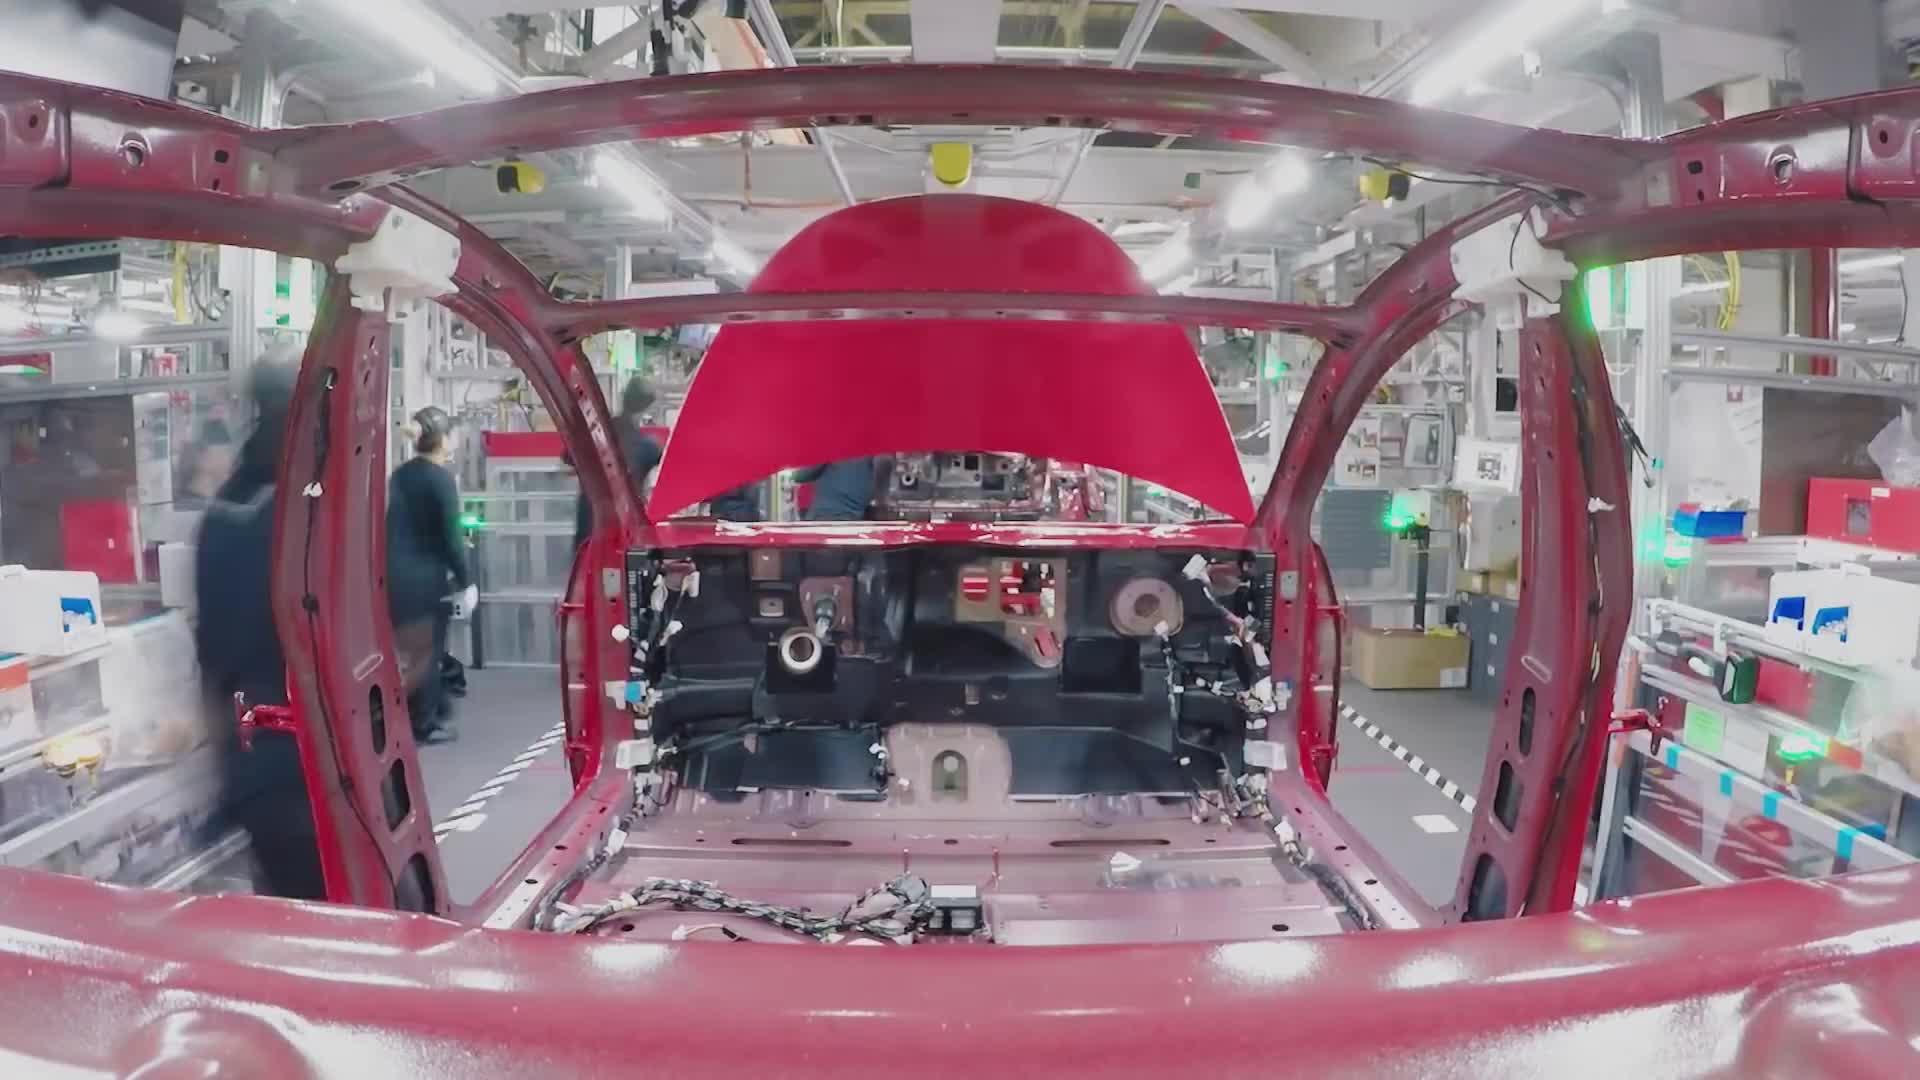 Auto, Elektroautos, tesla, Elektromobilität, Elektroauto, Model 3, Tesla Model 3